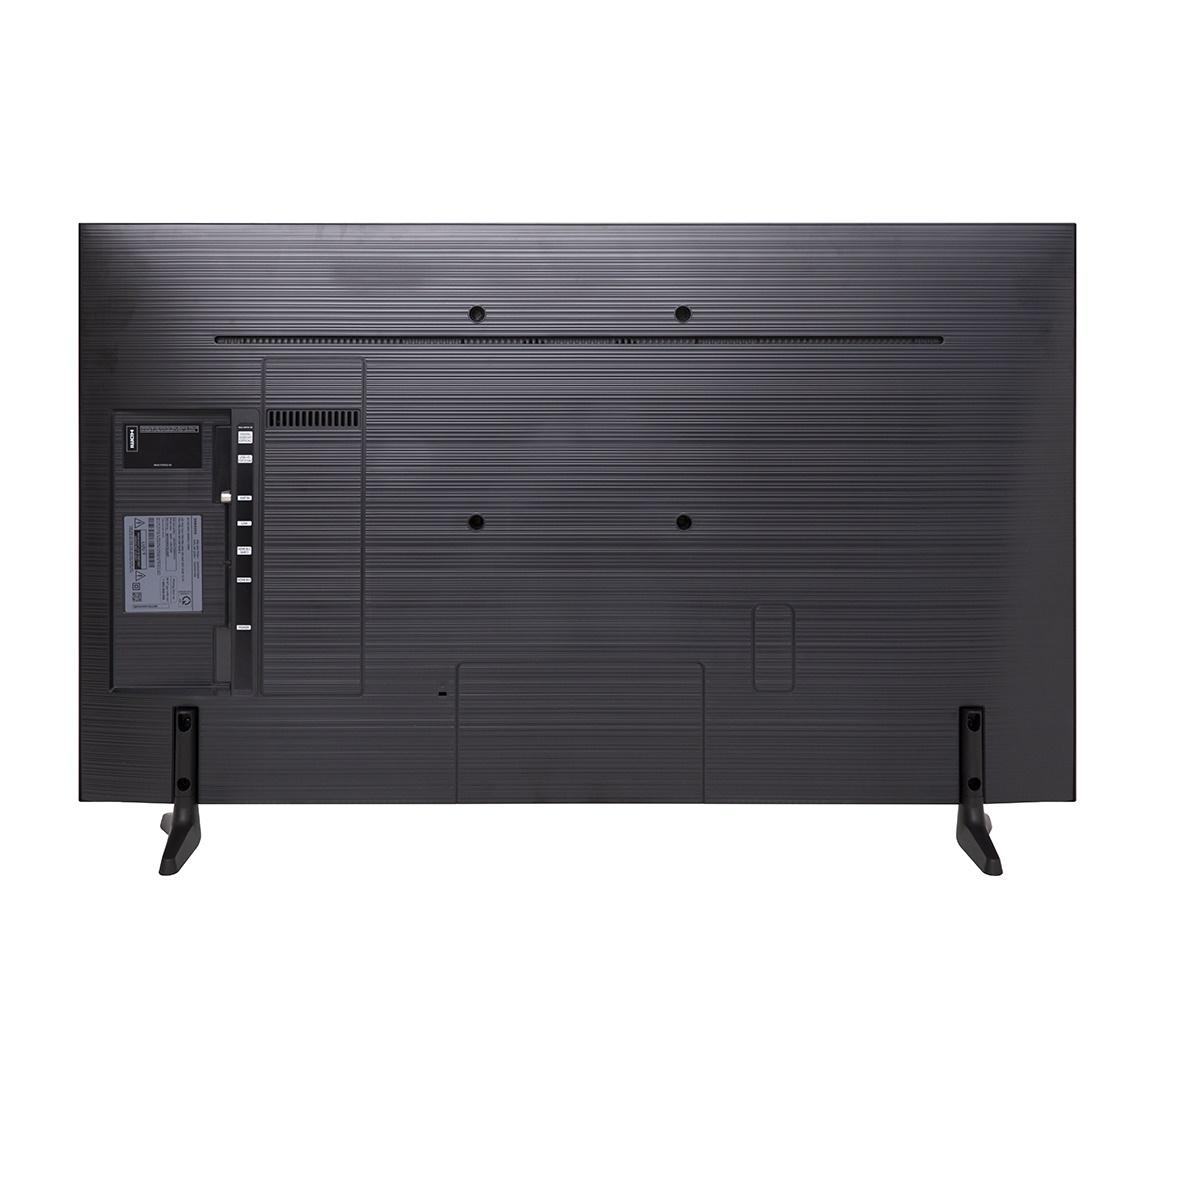 Smart Tivi Samsung 4K 43 inch UA43NU7090 - Hàng Chính Hãng